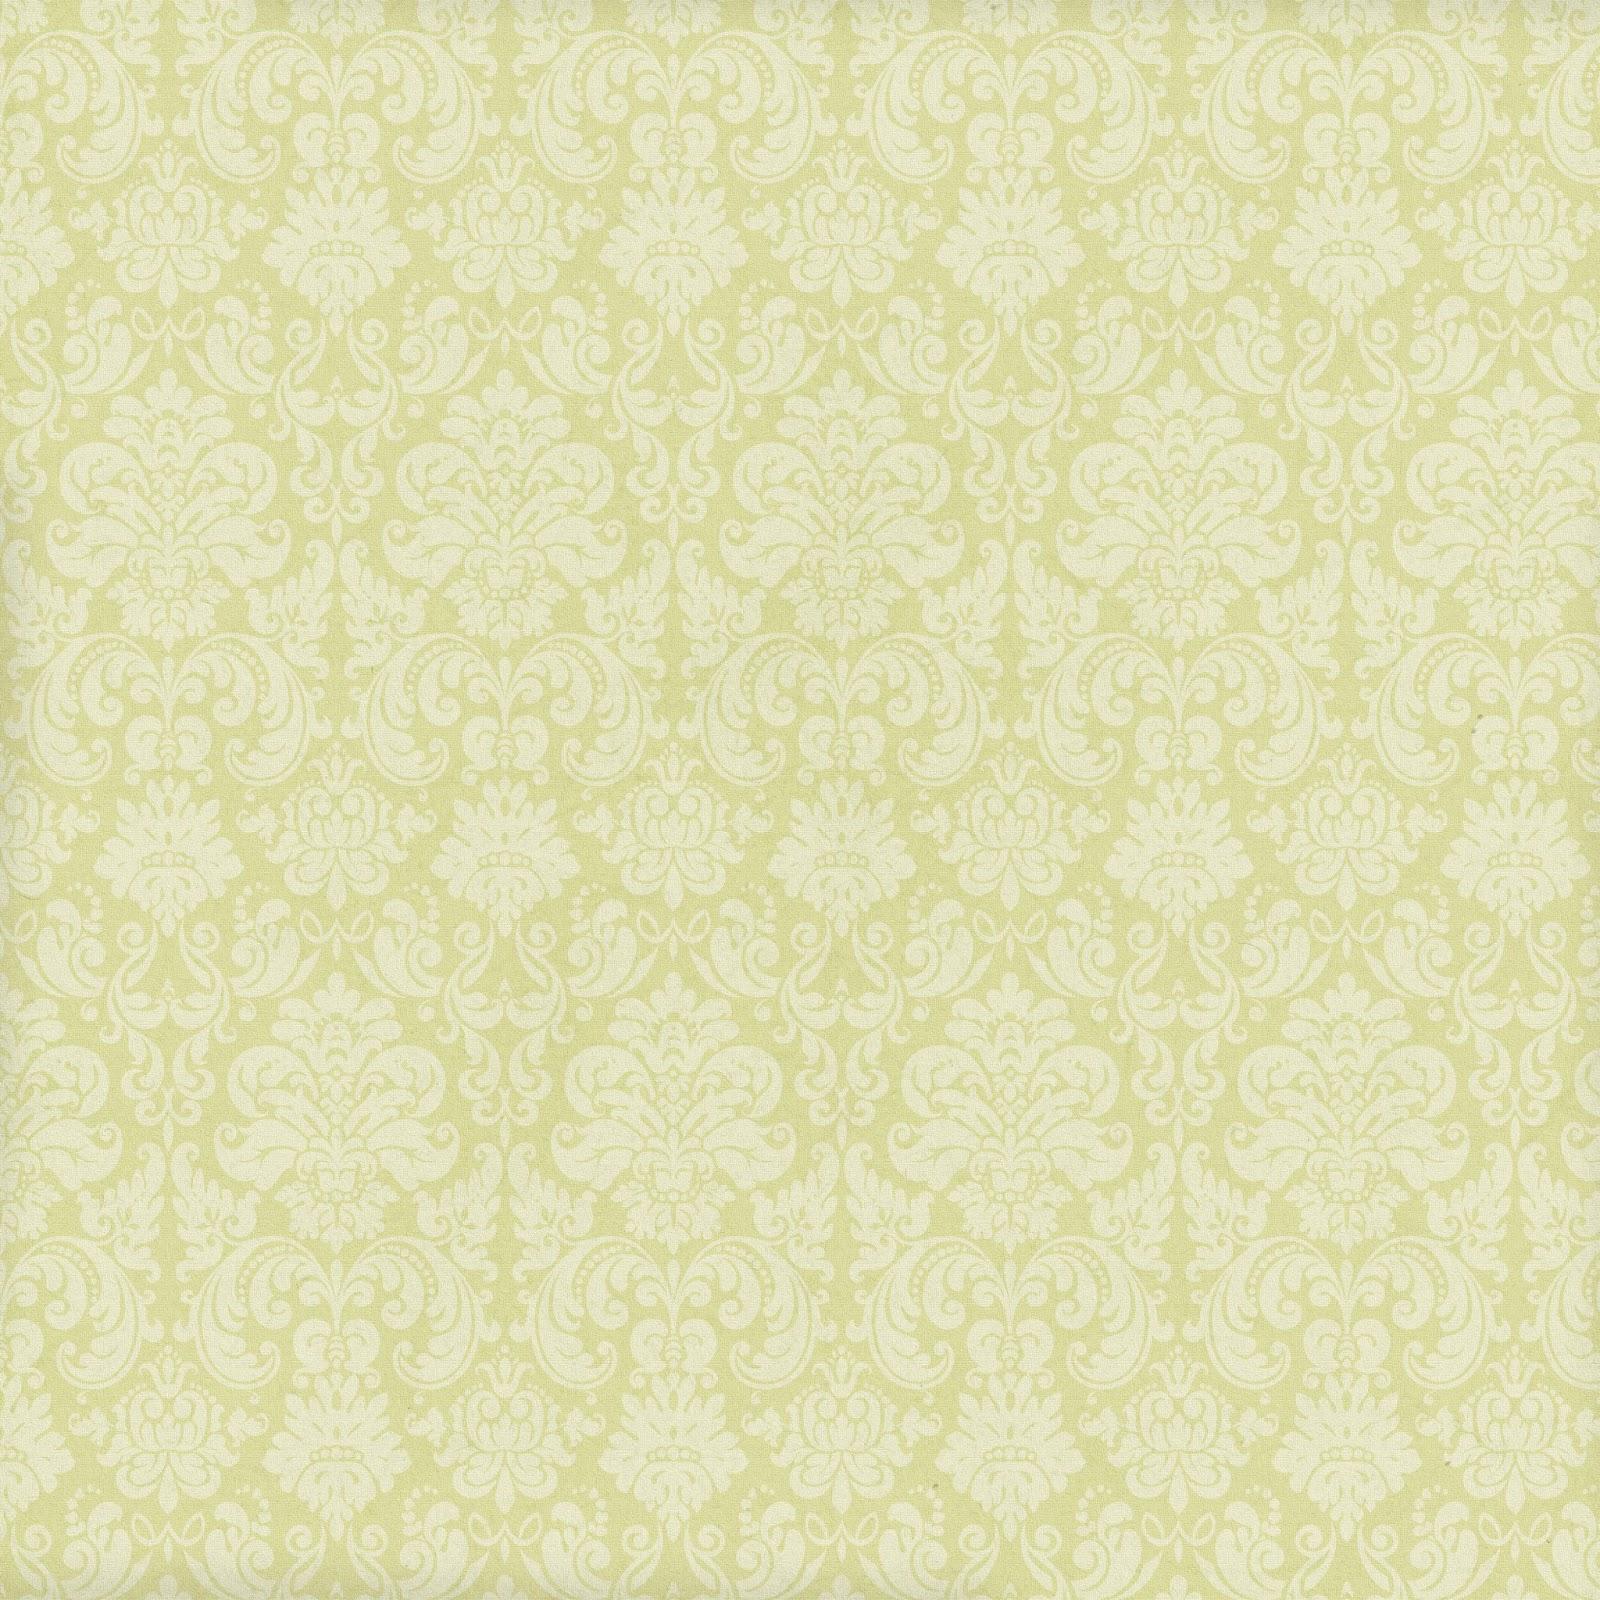 Papel de carta papel vintage floral para scarpbooking for Papel decomural vintage